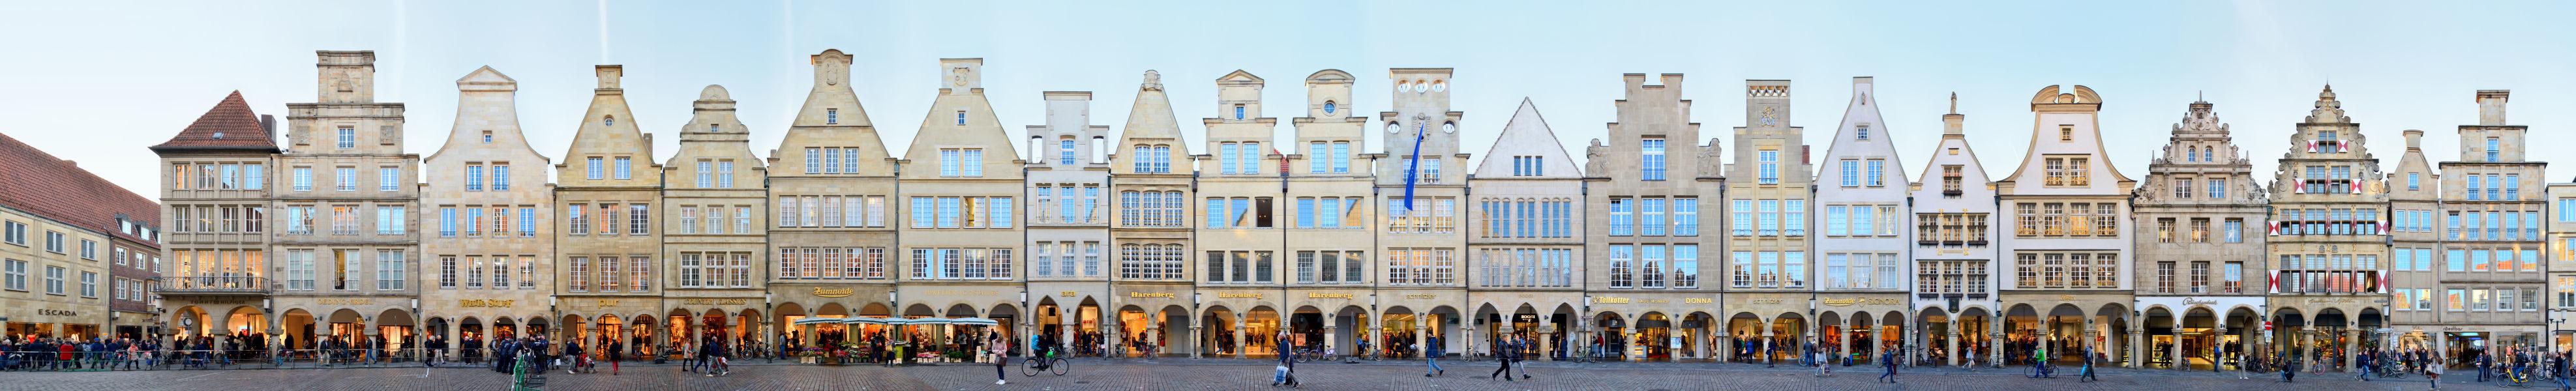 Prinzipalmarkt | Giebelhäuser